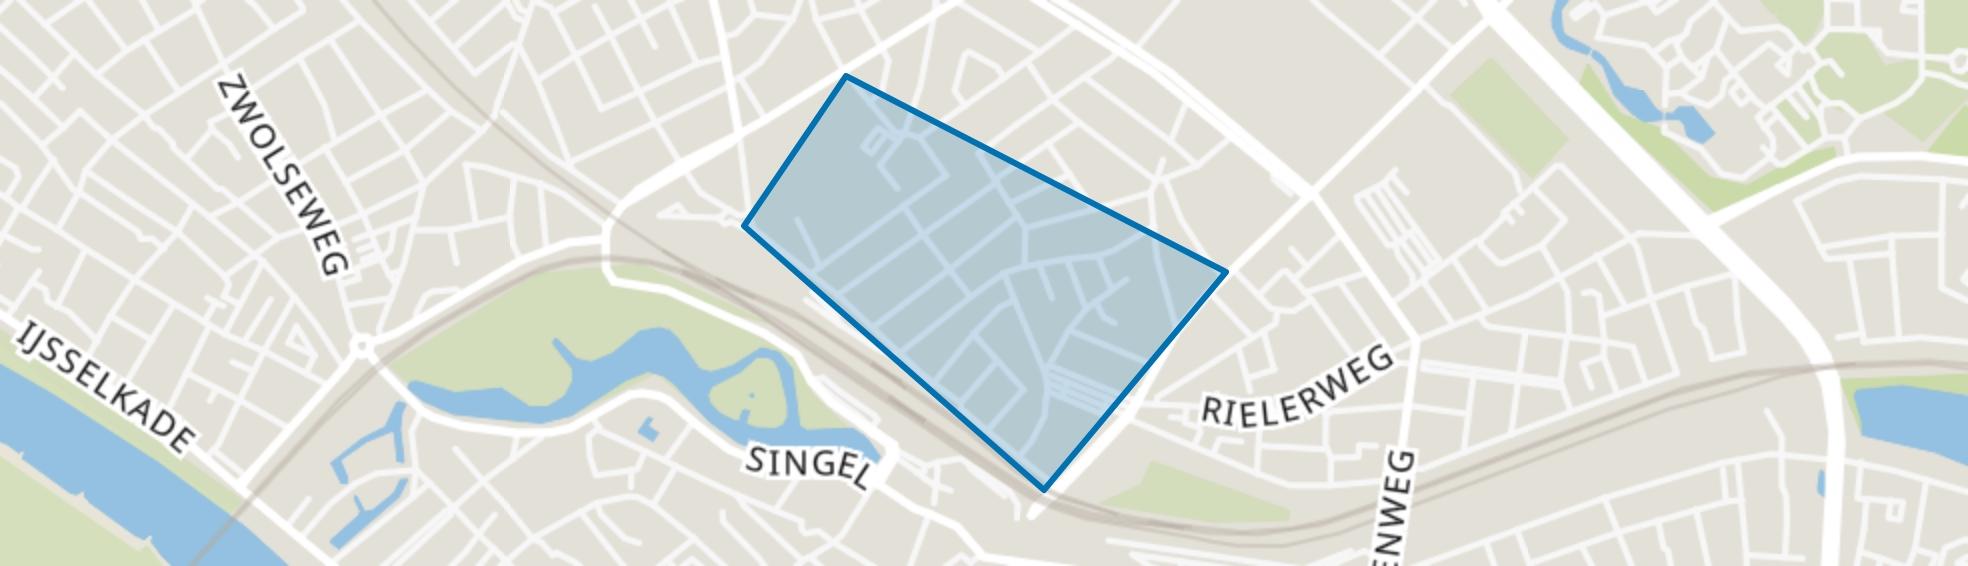 Oosterstraat, Deventer map